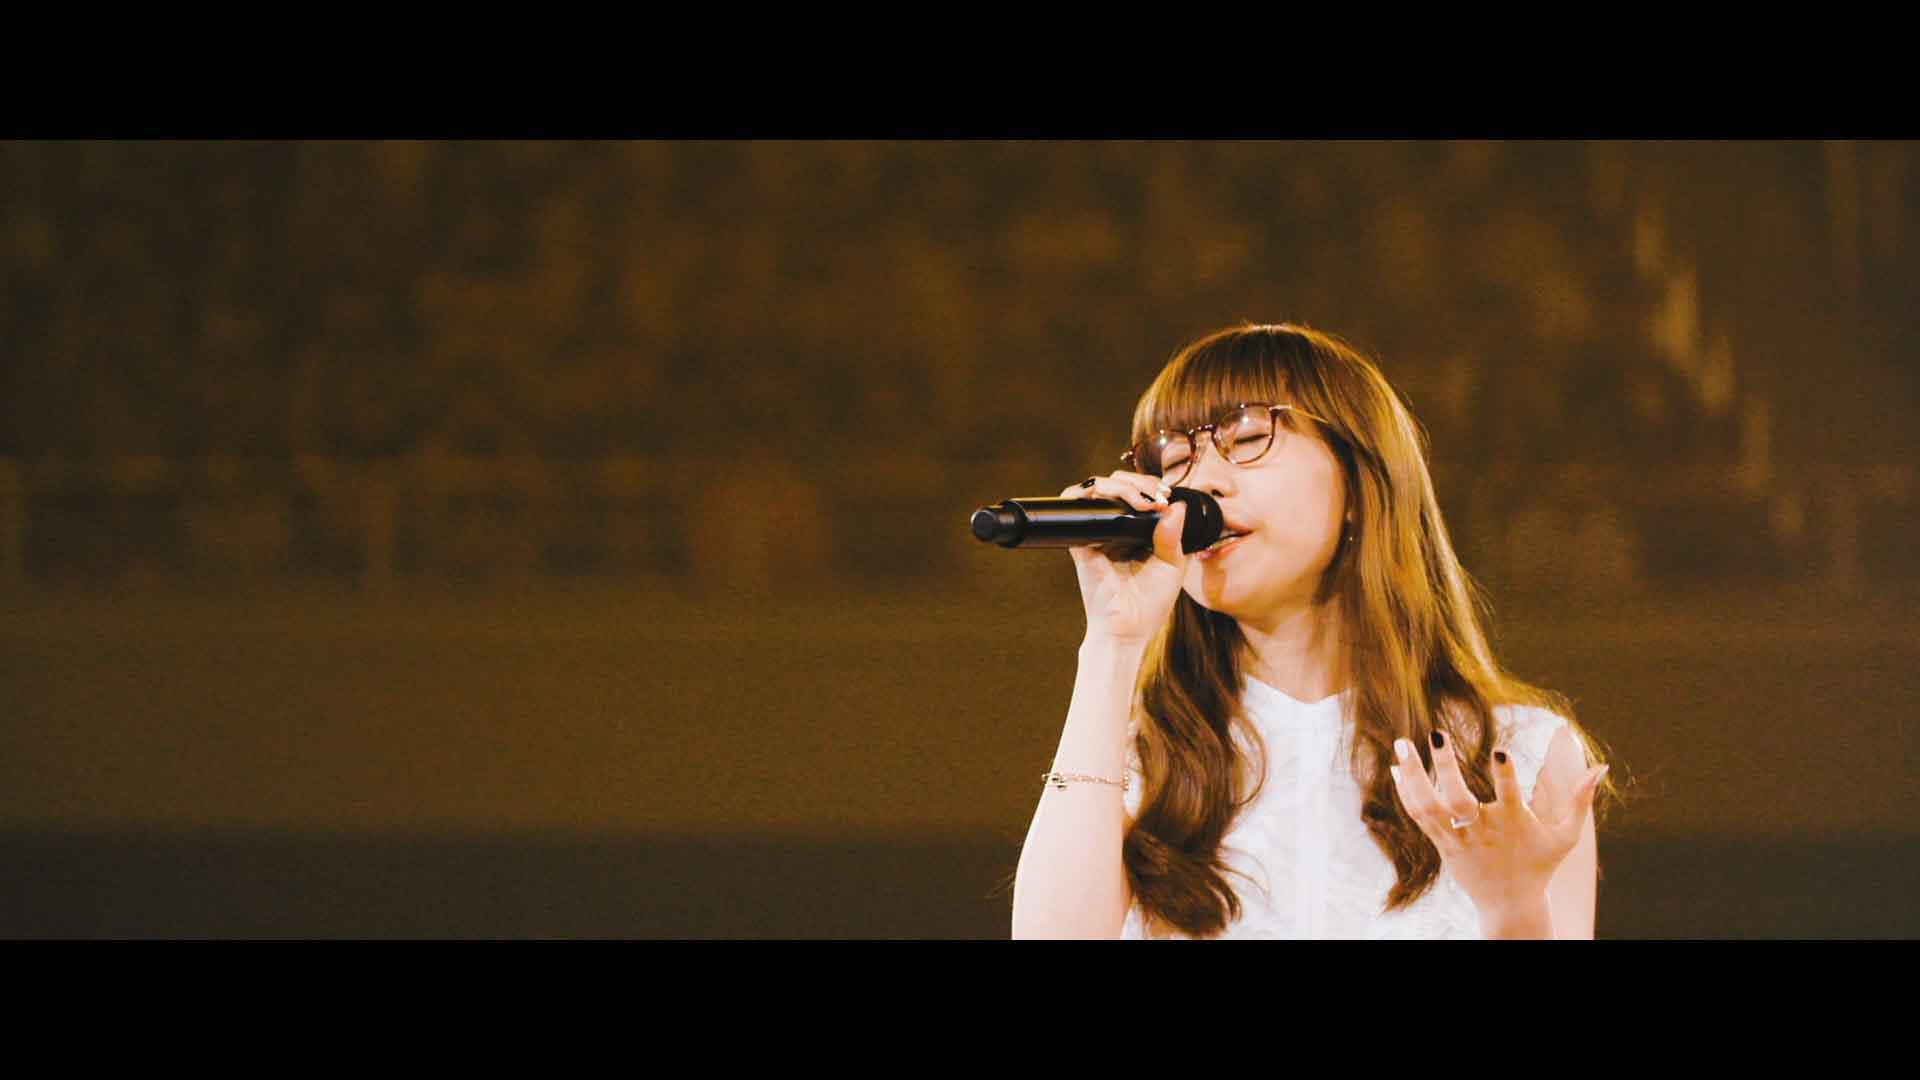 心に強く訴える Aimer ライブ 2019 - 金沢